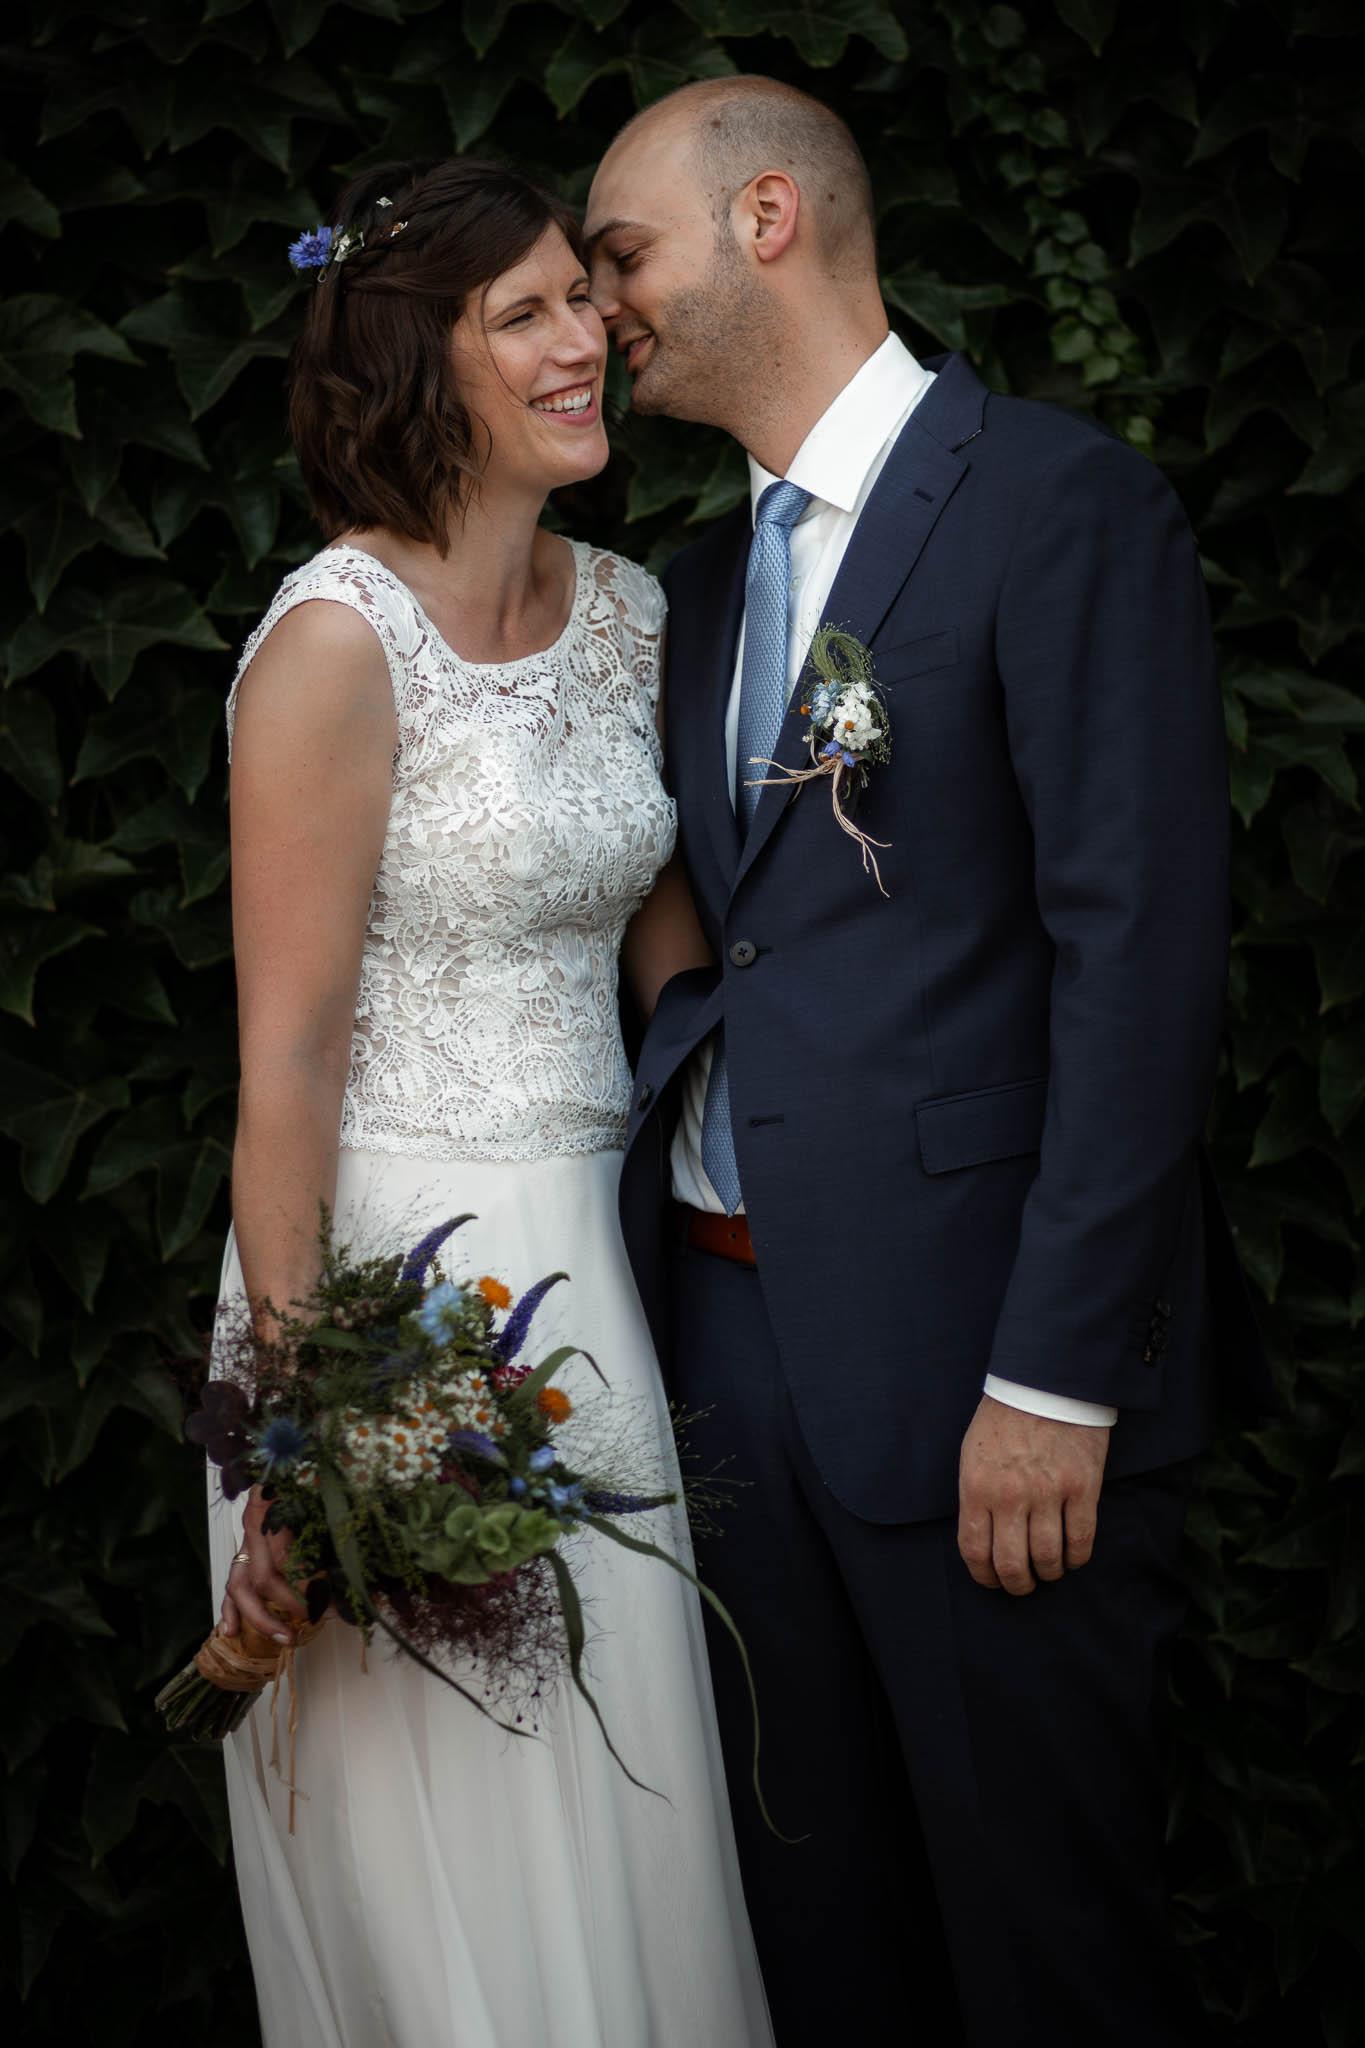 Hochzeitsfotograf Guntersblum, Domhof - Hochzeit von Ina & Johannes 45